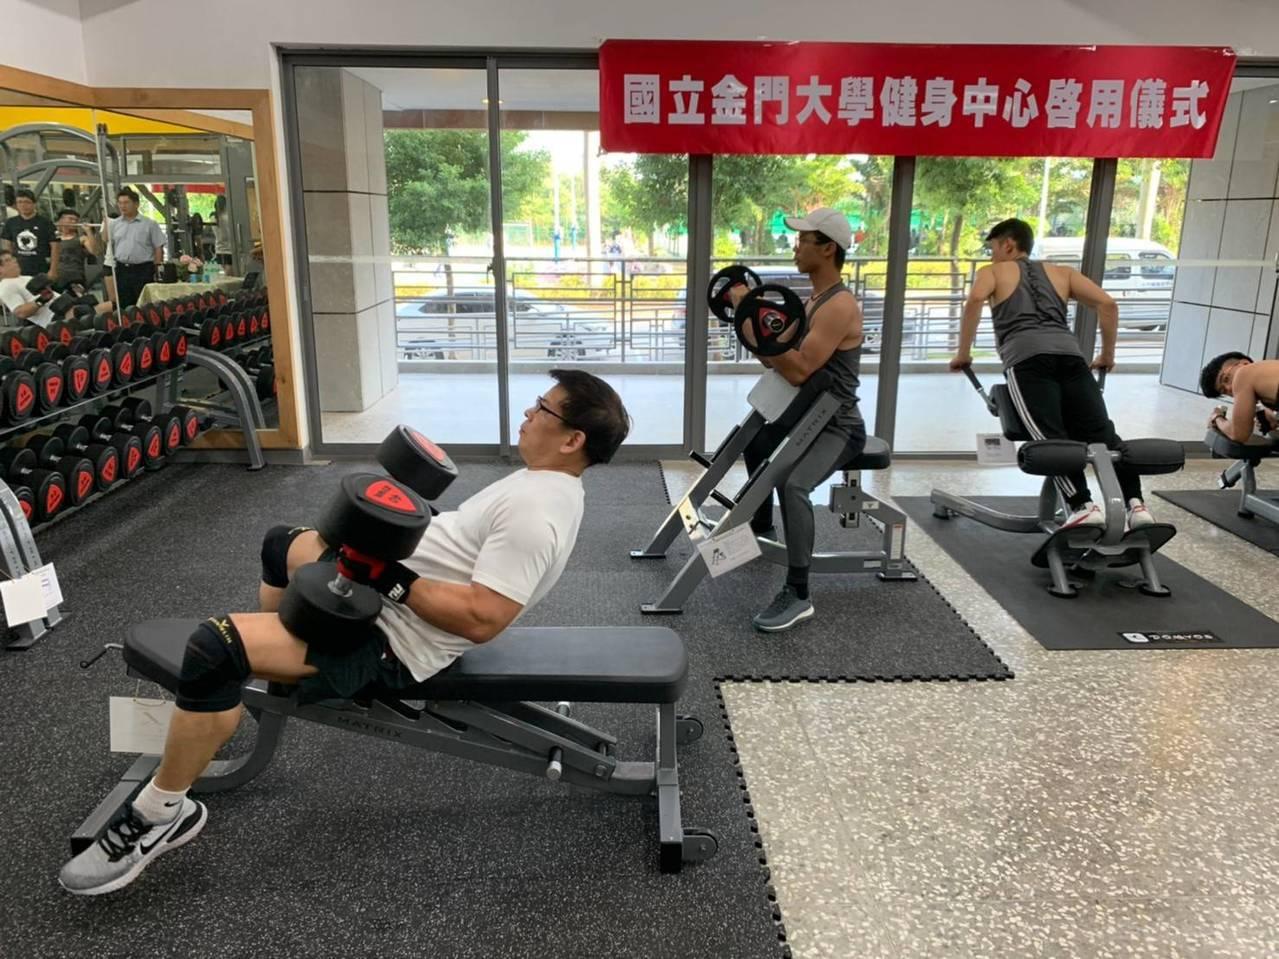 金大健身中心啟用 邀大家作伙來練身體